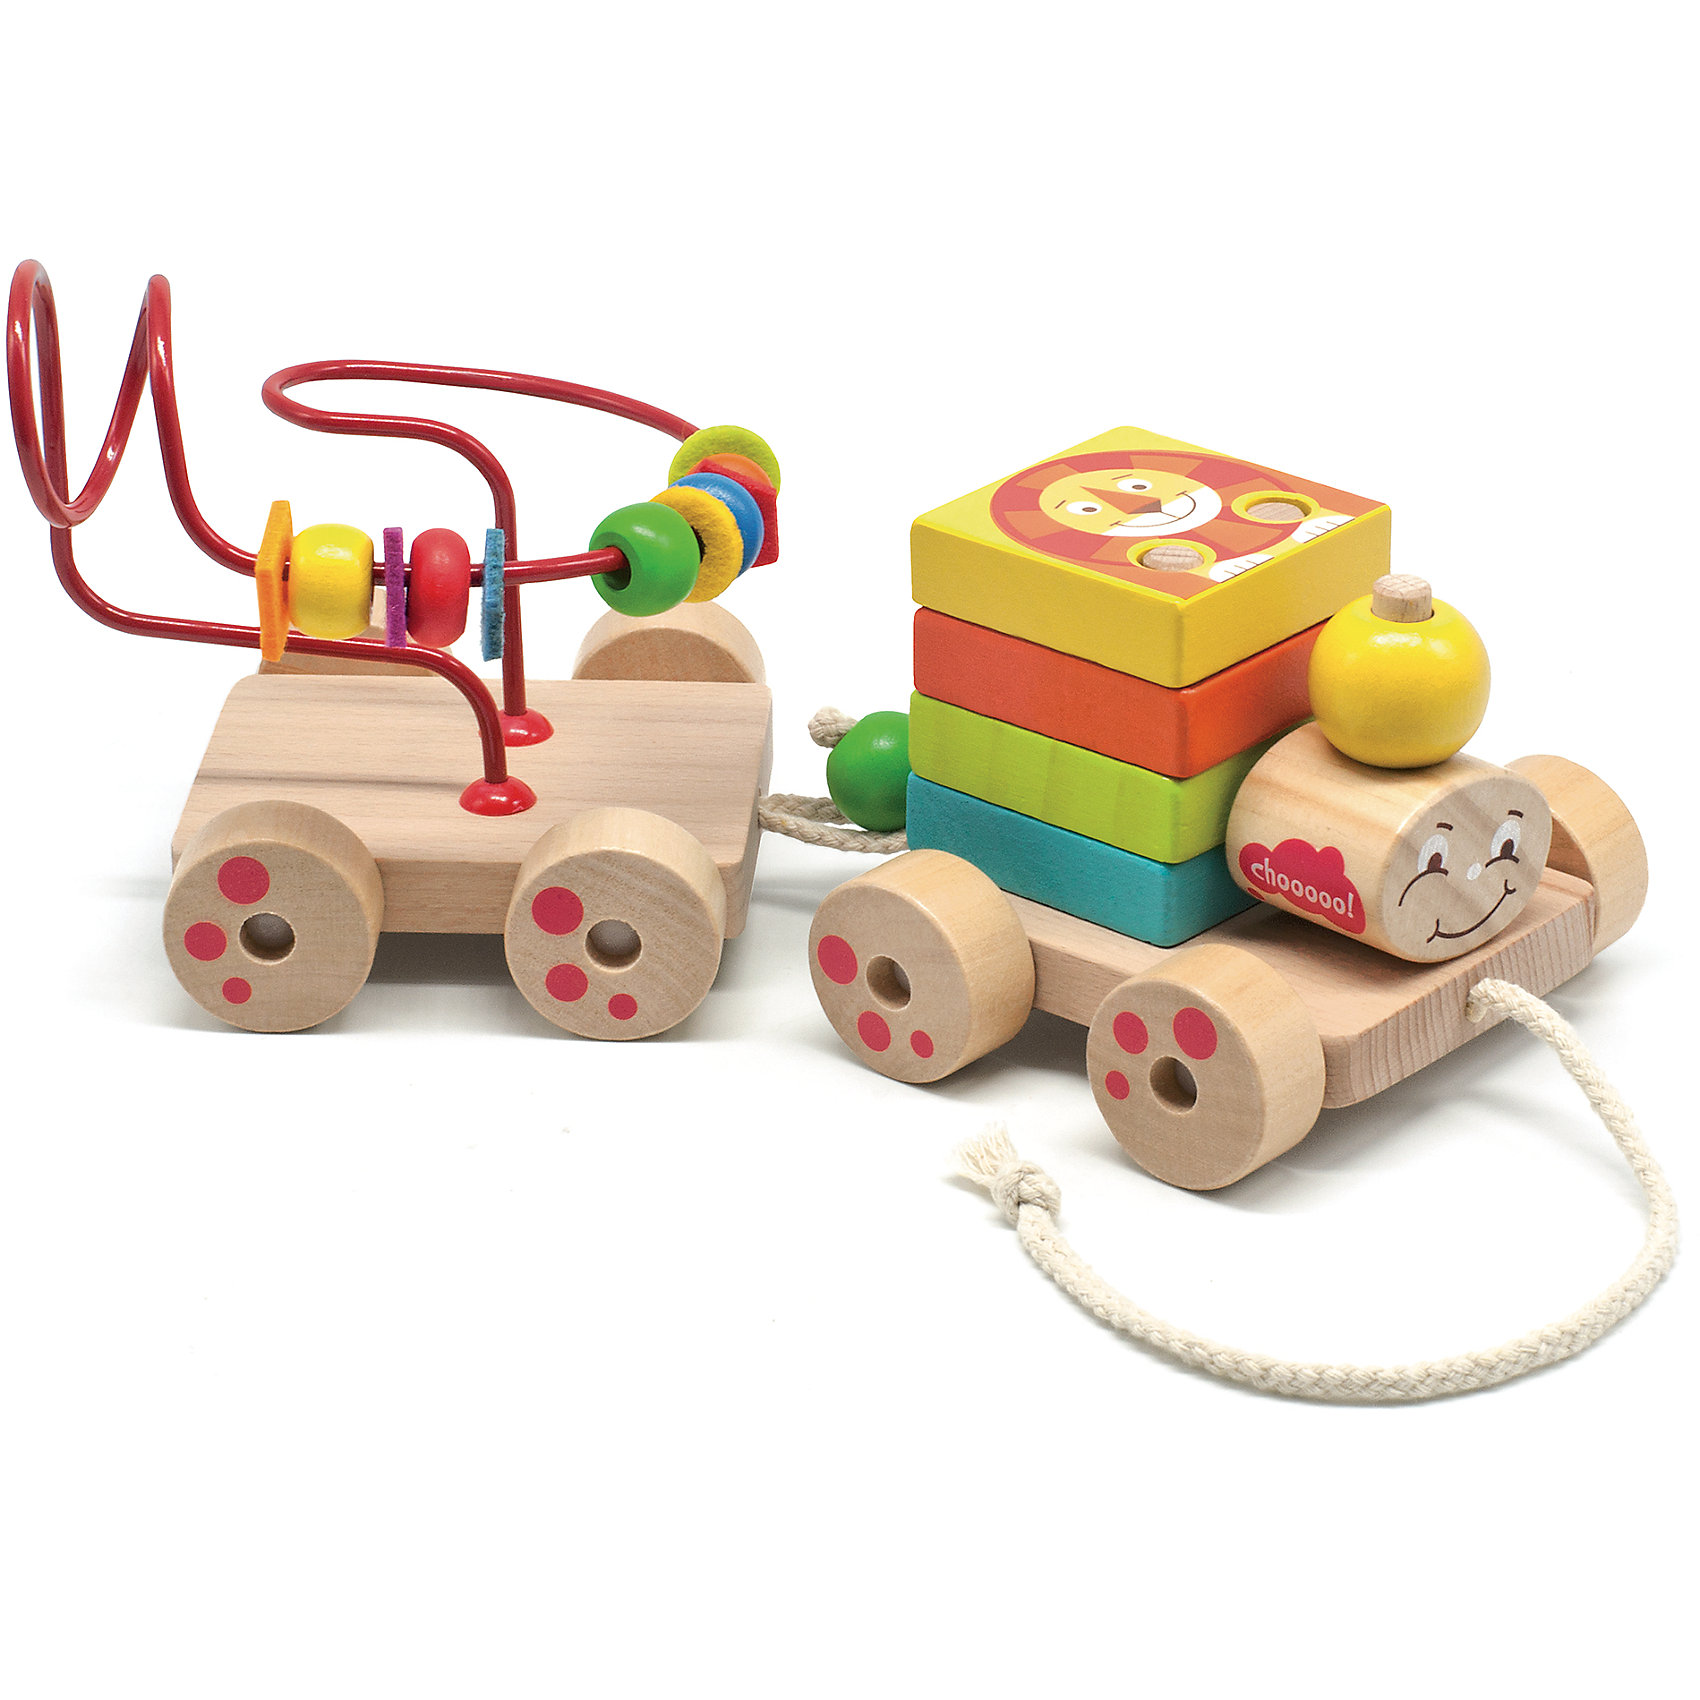 Паровозик Чух-Чух, Мир деревянных игрушекИгрушки для малышей<br>Паровозик Чух-Чух – не просто игрушка, а развивающий комплекс!<br>Игрушка состоит из паровозика с веревочкой, который хорошо катается. Вагончики паровозика не простые. Первый вагончик – это пирамидка с разными штырьками: для кружочков и для прямоугольных пластин. Пластины разных цветов, с красивыми яркими рисунками животных. Второй вагончик – это лабиринт, который поможет ребенку развить мелкую моторику рук и логику. Паровозик изготовлен из качественной натуральной древесины и полностью безопасен для ребенка.<br>Дополнительная информация:<br>- размер: 300х65х175<br>- вес: 800г<br>- материал: дерево <br>- возраст: от 3 лет<br><br>Паровозик Чух-Чух можно купить в нашем интернет-магазине.<br><br>Ширина мм: 300<br>Глубина мм: 65<br>Высота мм: 175<br>Вес г: 800<br>Возраст от месяцев: 36<br>Возраст до месяцев: 2147483647<br>Пол: Унисекс<br>Возраст: Детский<br>SKU: 4895891